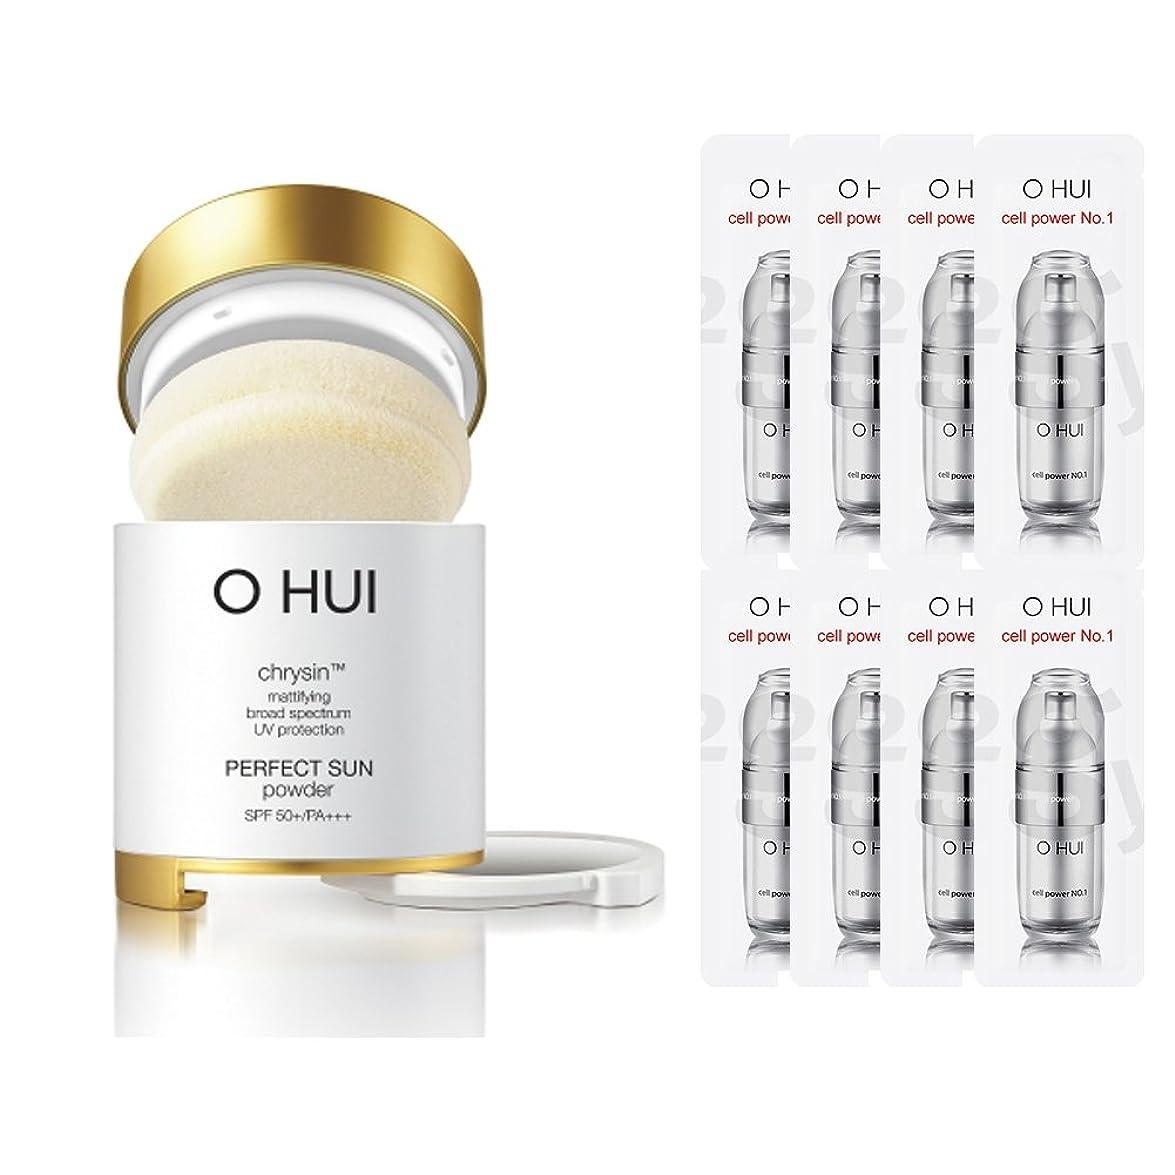 鈍い代替含意OHUI/オフィ2015年 パーフェクトサンパウダー (OHUI Version Perfect Sun Powder SPF50++PA+++ Special Gift set) スポット [海外直送品] (2号ベージュ)